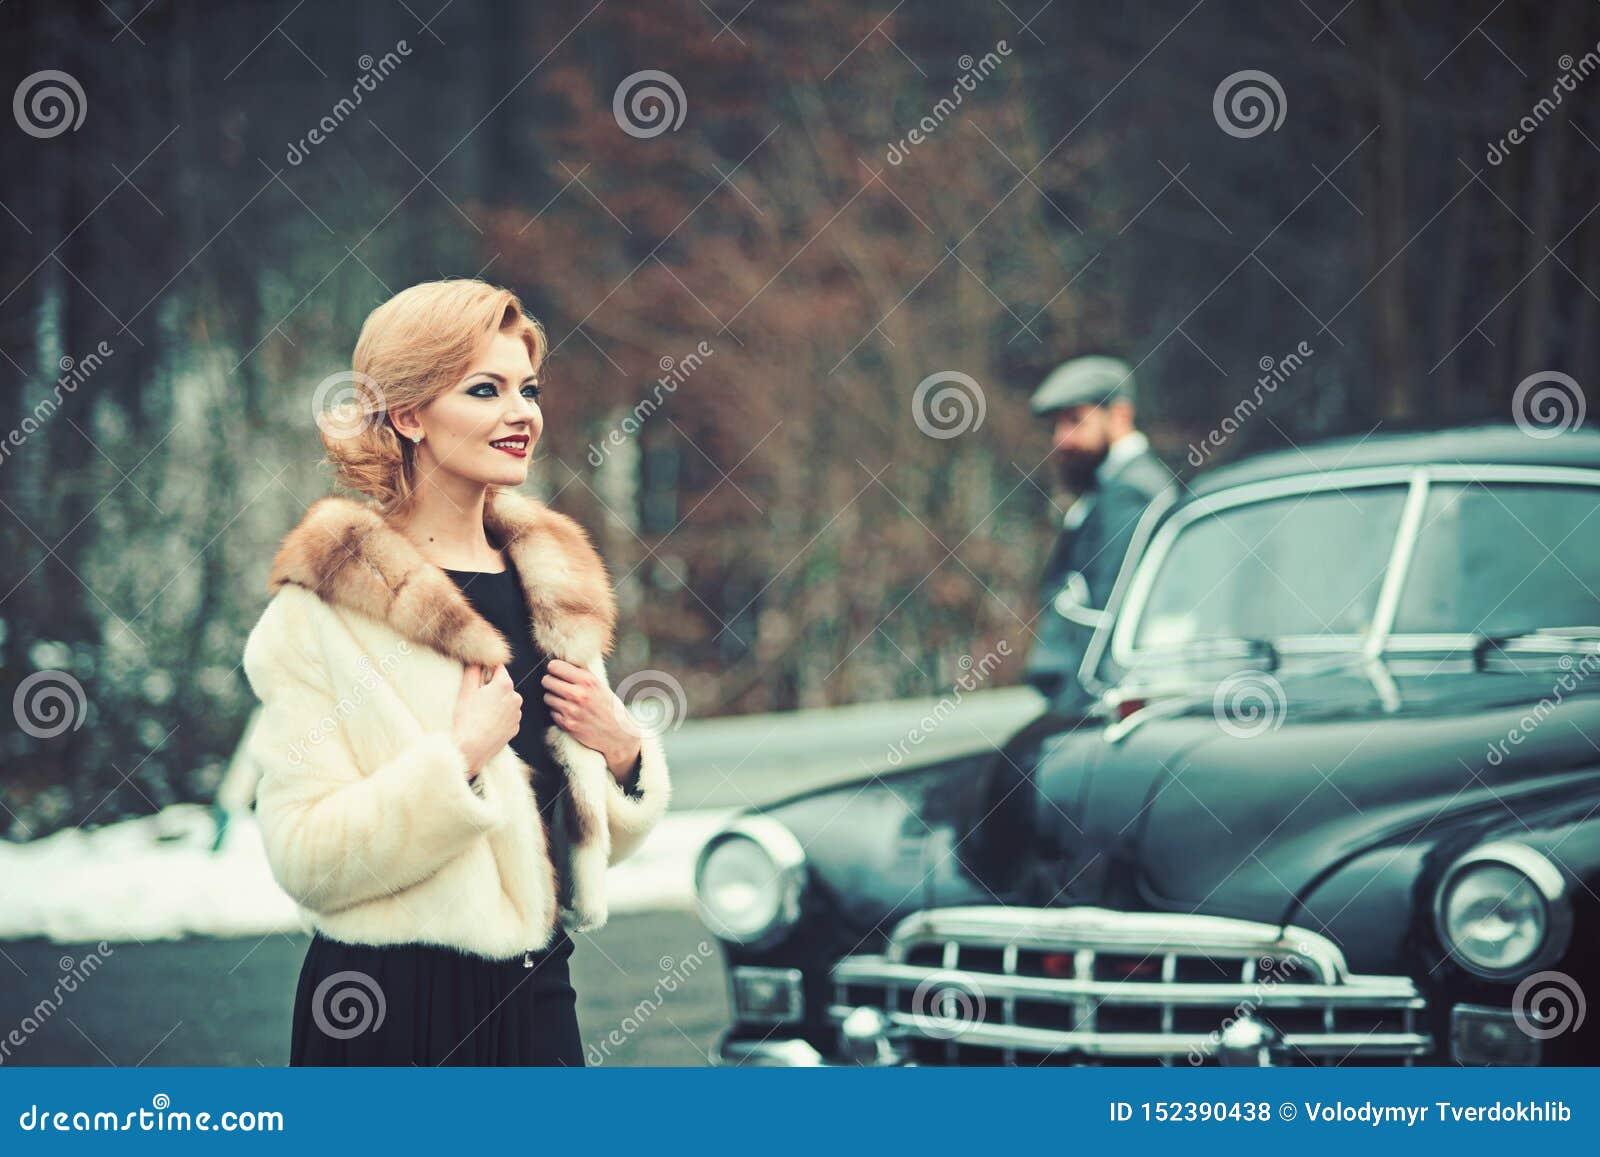 Αναδρομική φωτογραφία της γυναίκας και του άνδρα δύο ταξιδιωτών στο αναδρομικό αυτοκίνητο